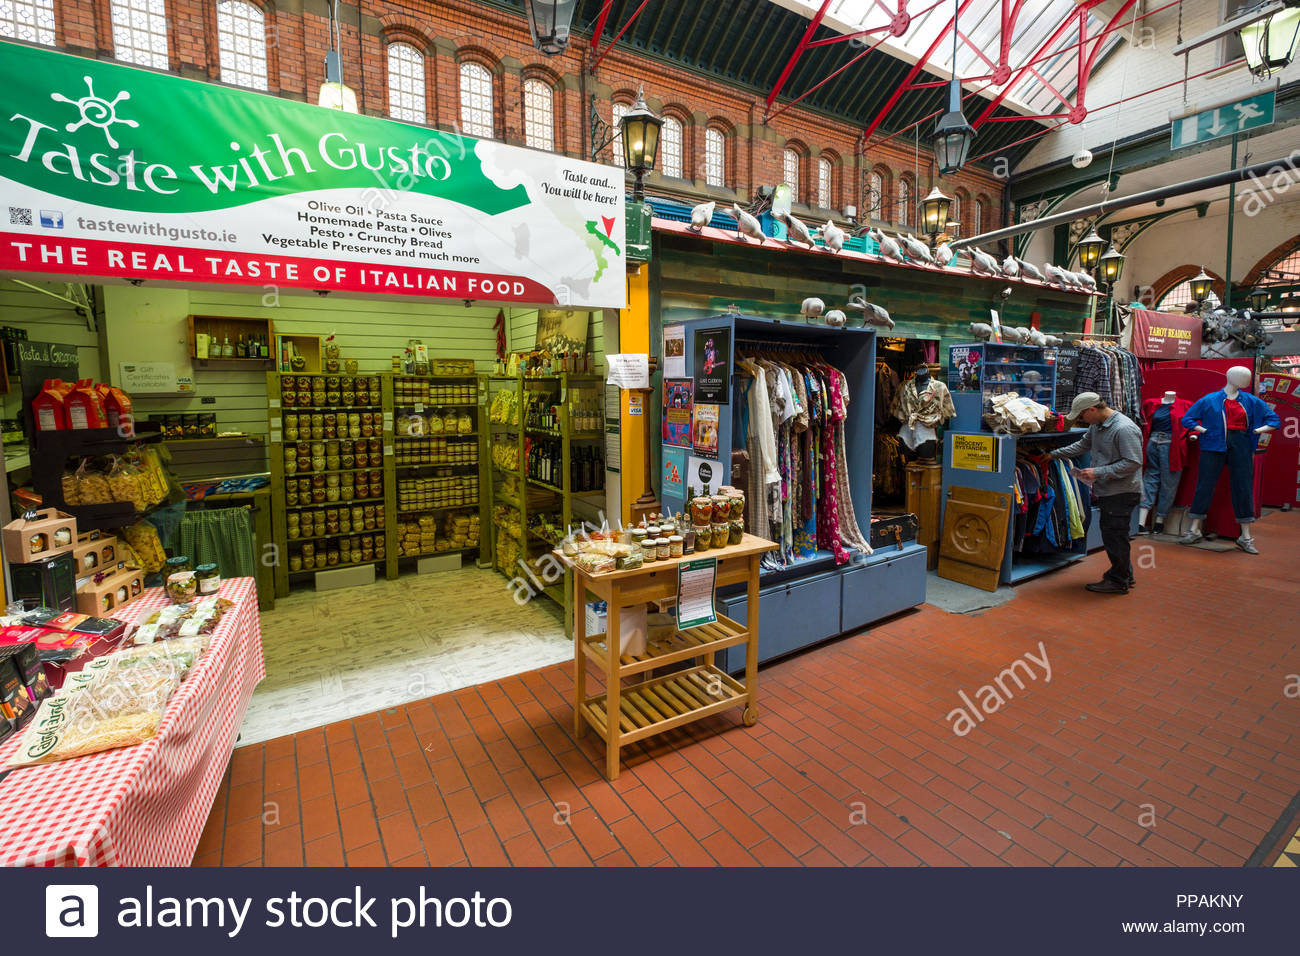 Il gusto con gusto e stand di abbigliamento all'interno di George's Street Arcade, Dublino, Leinster, Irlanda Immagini Stock